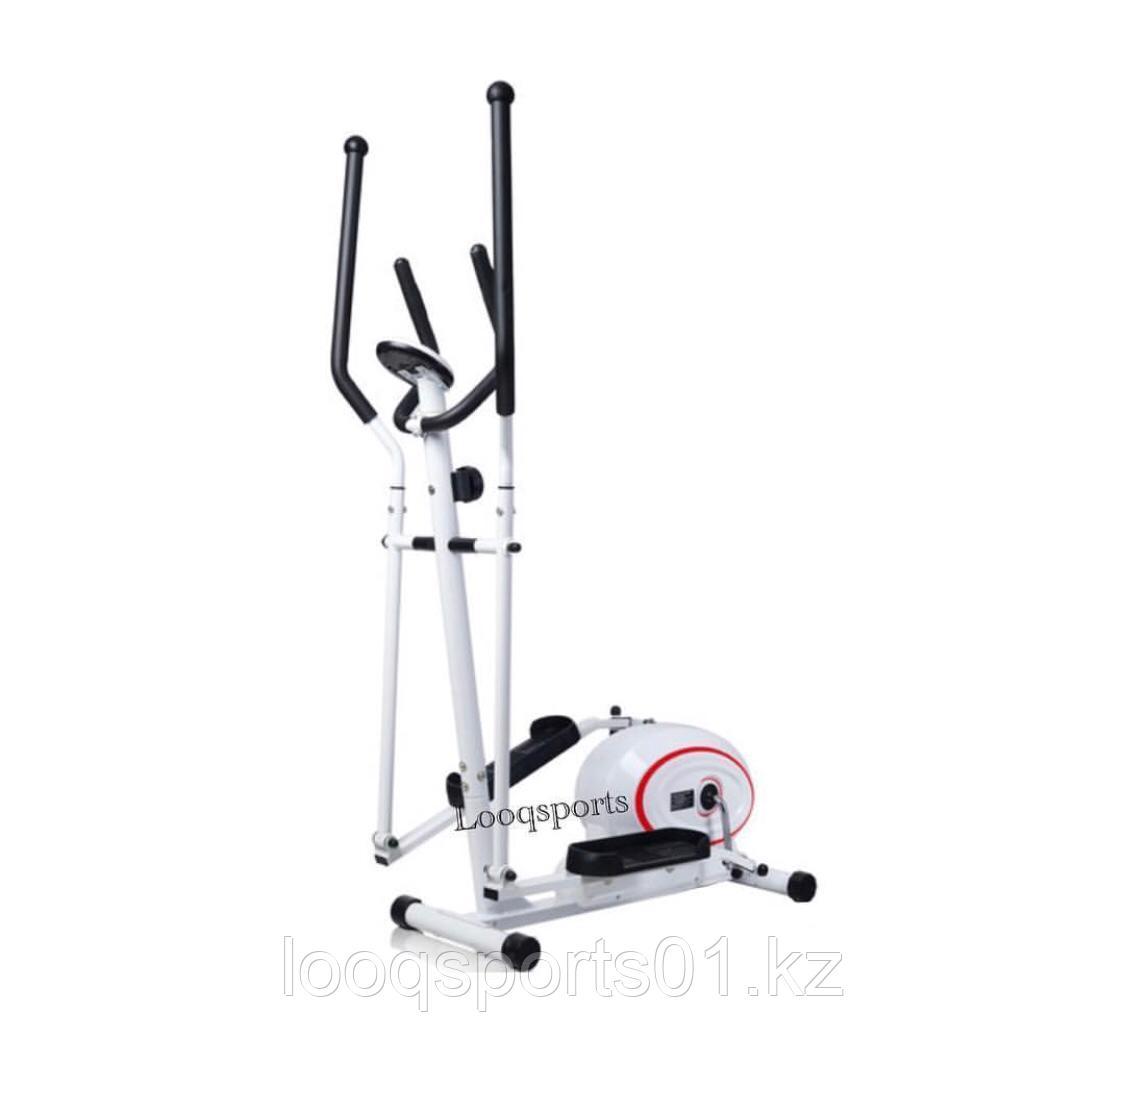 Эллиптический (лыжный) тренажер до 100 кг